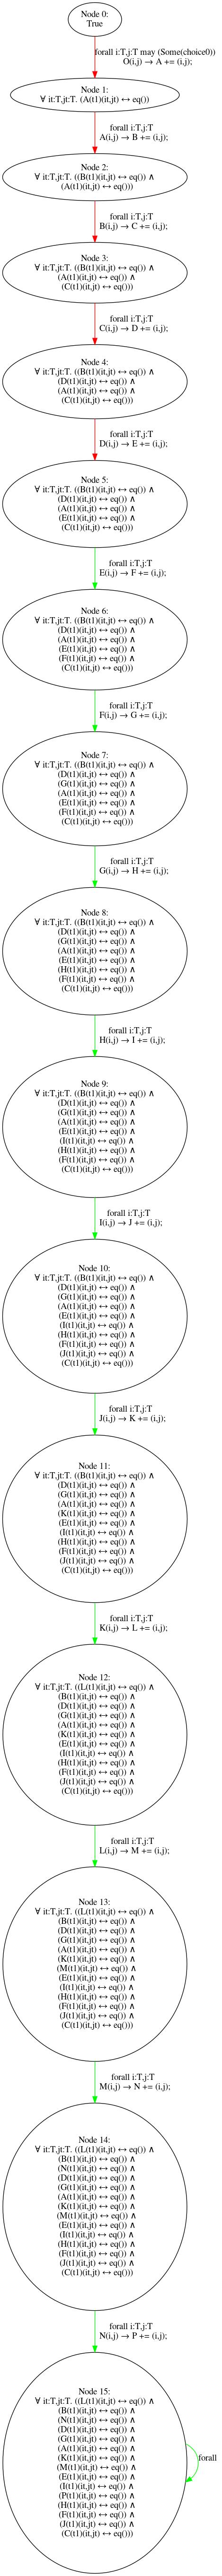 results/nonomitting/fixedarity15/fixedarity15_stubborn_alleq_11.png